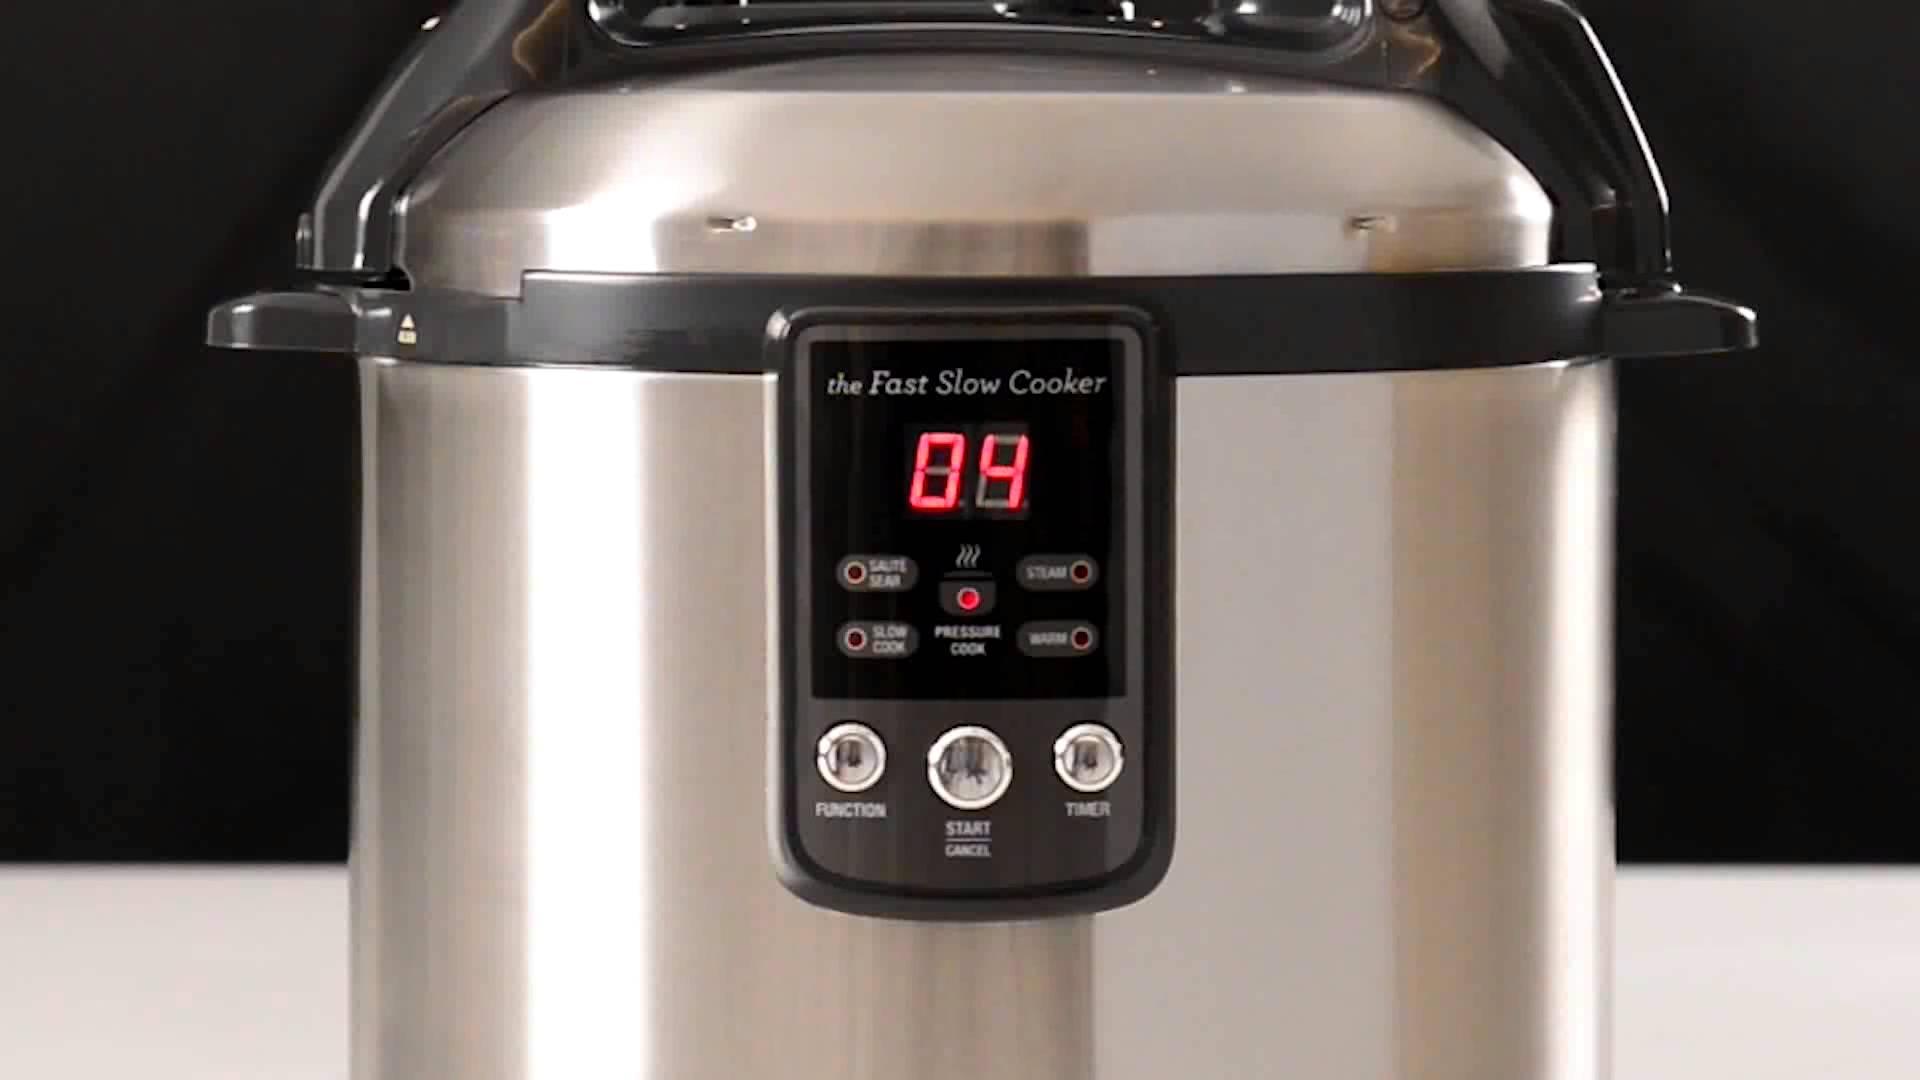 breville fast slow pressure cooker tips and tricks. Black Bedroom Furniture Sets. Home Design Ideas